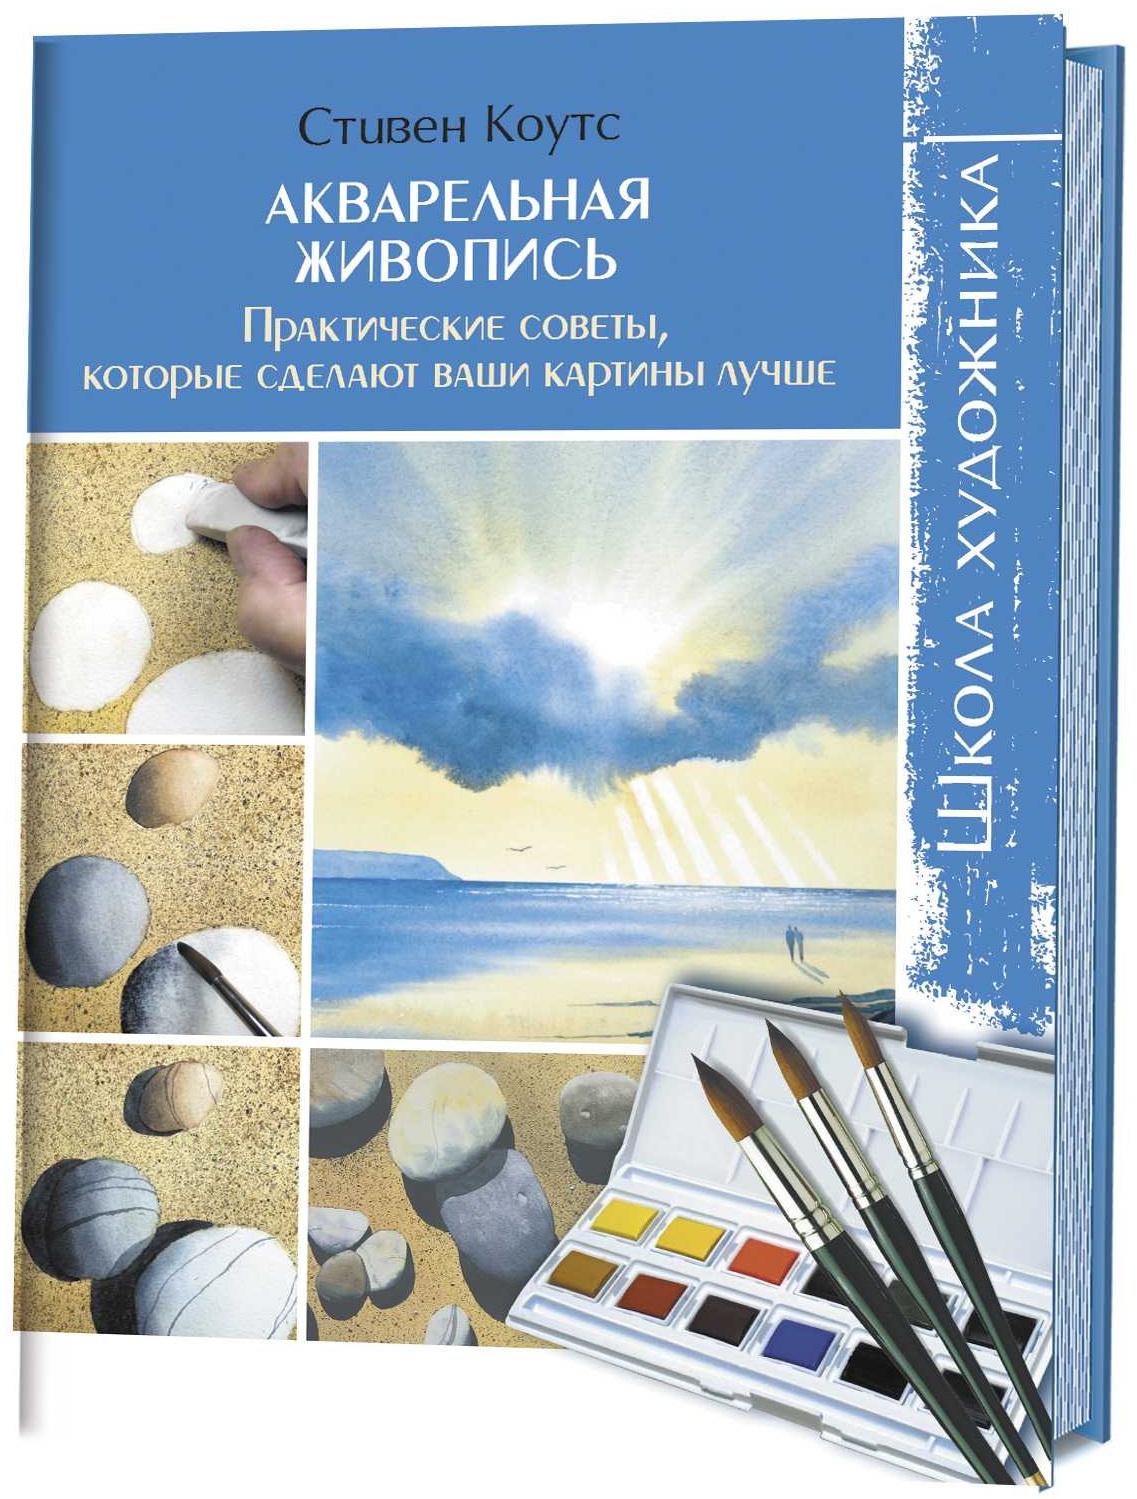 Акварельная живопись: Практические советы, которые сделают ваши картины луч